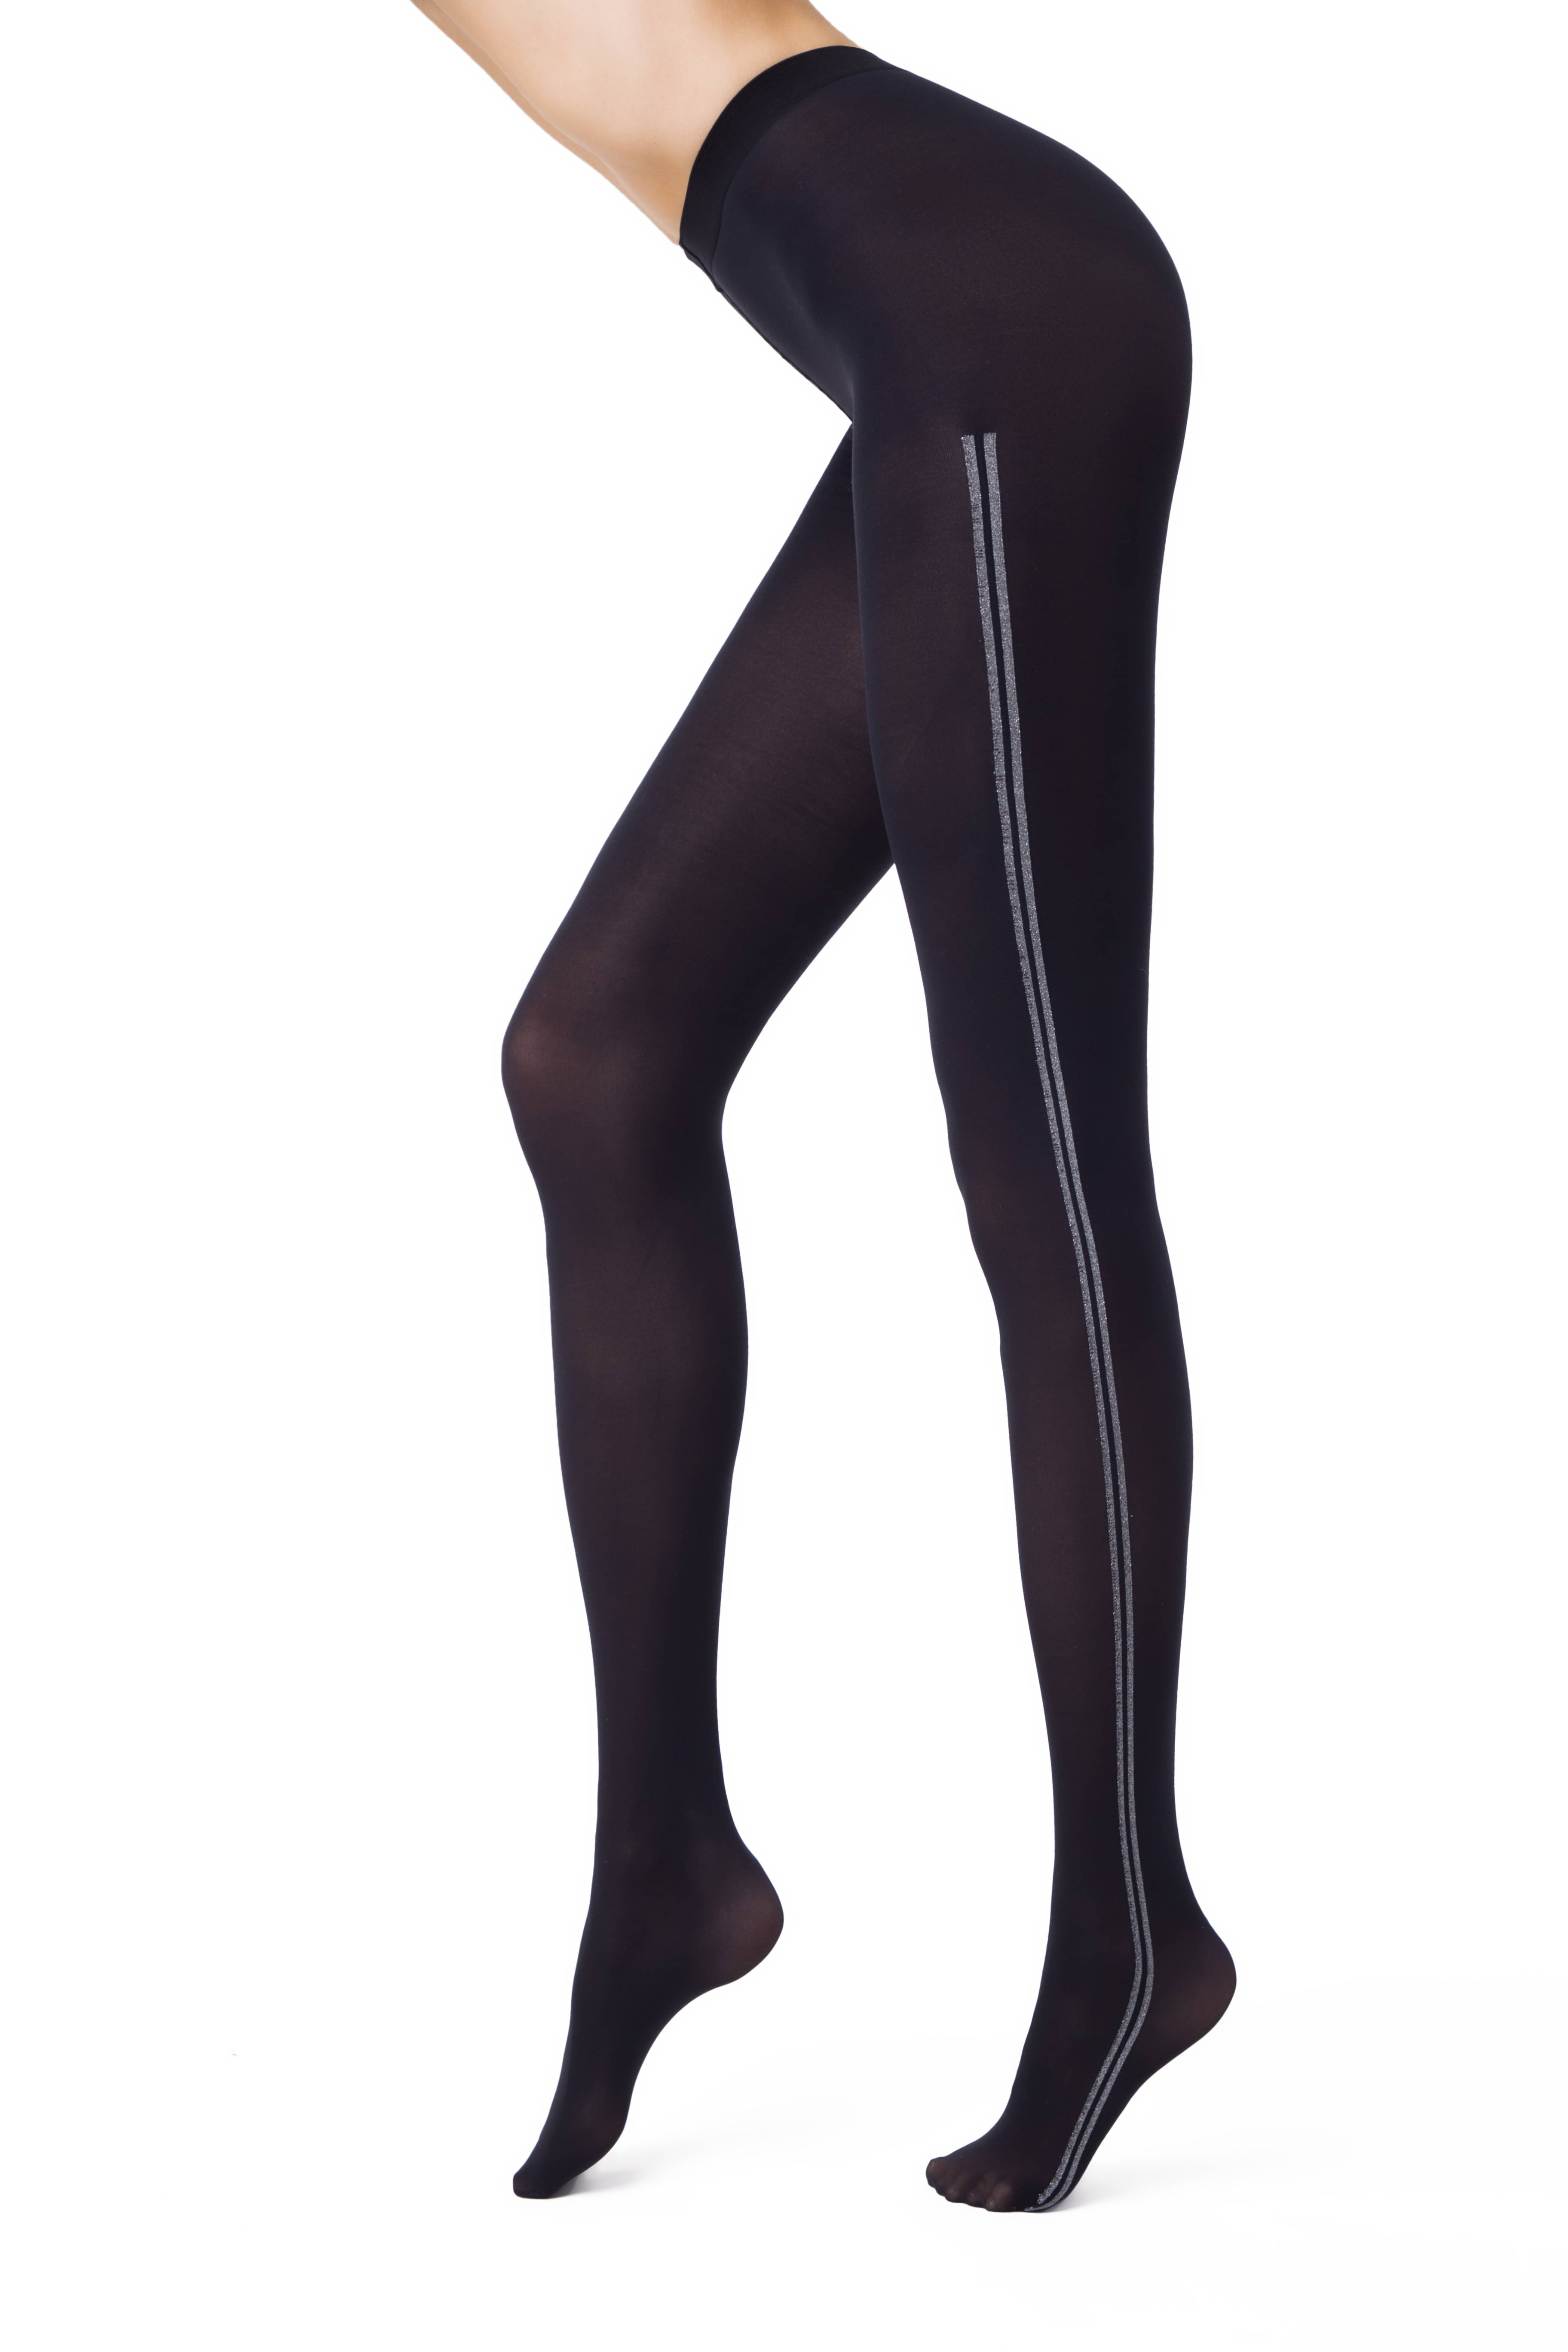 Фото 2 - Колготки женские ⭐️ Колготки с лампасами из люрекса MOVE Lycra® ⭐️ цвет nero